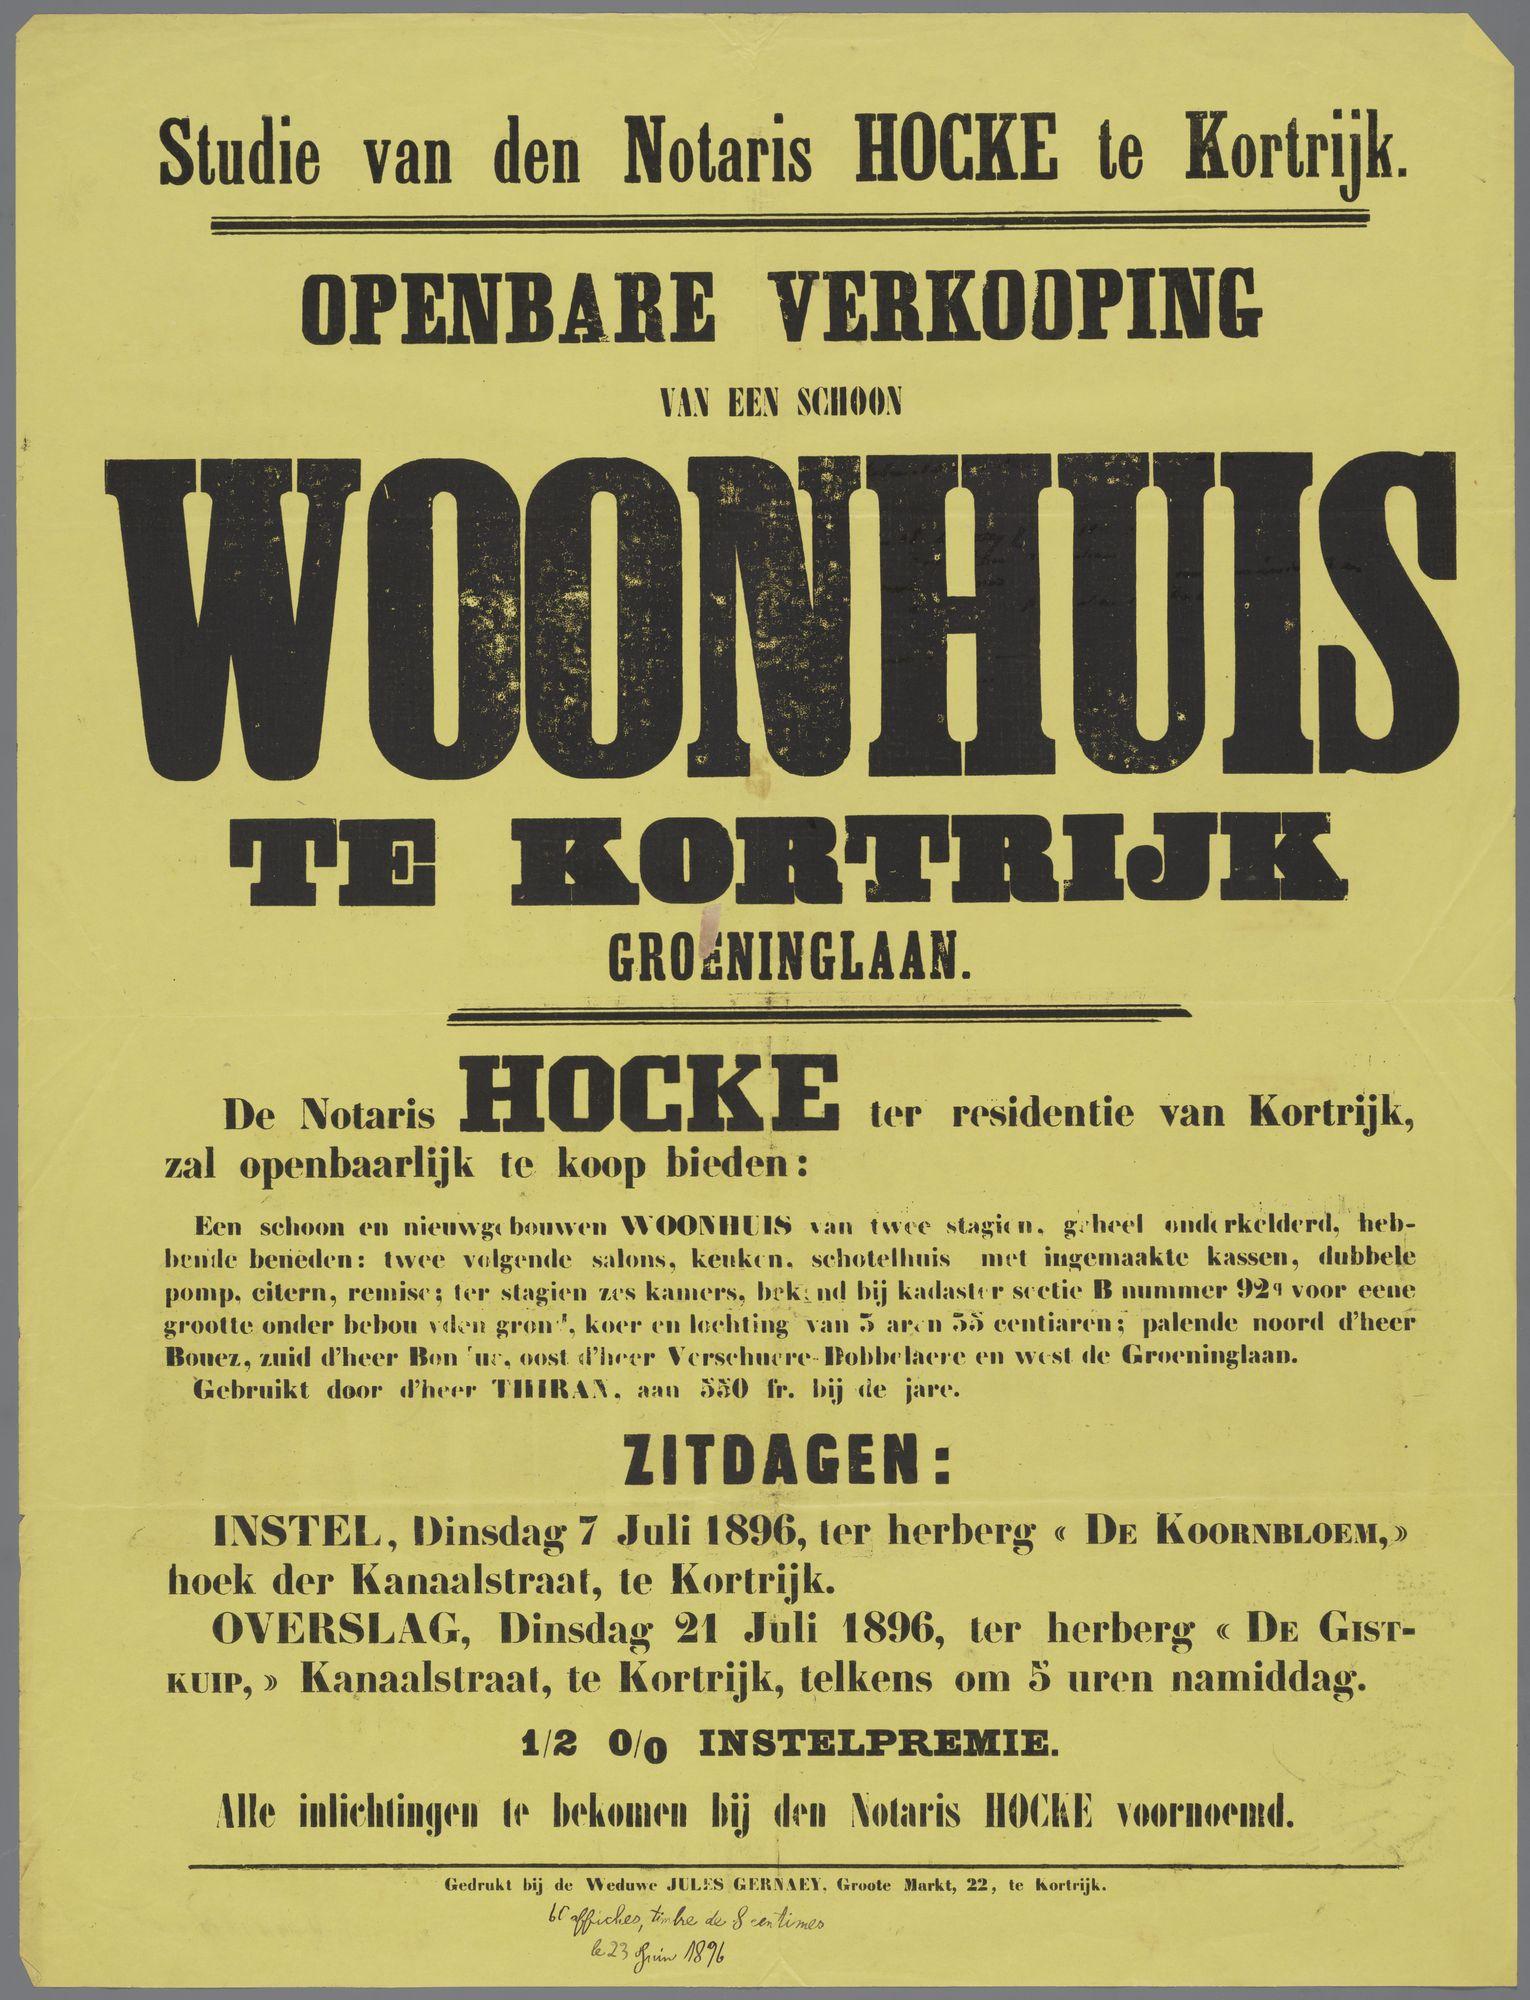 Verkoop van woonhuis te Kortrijk 1896